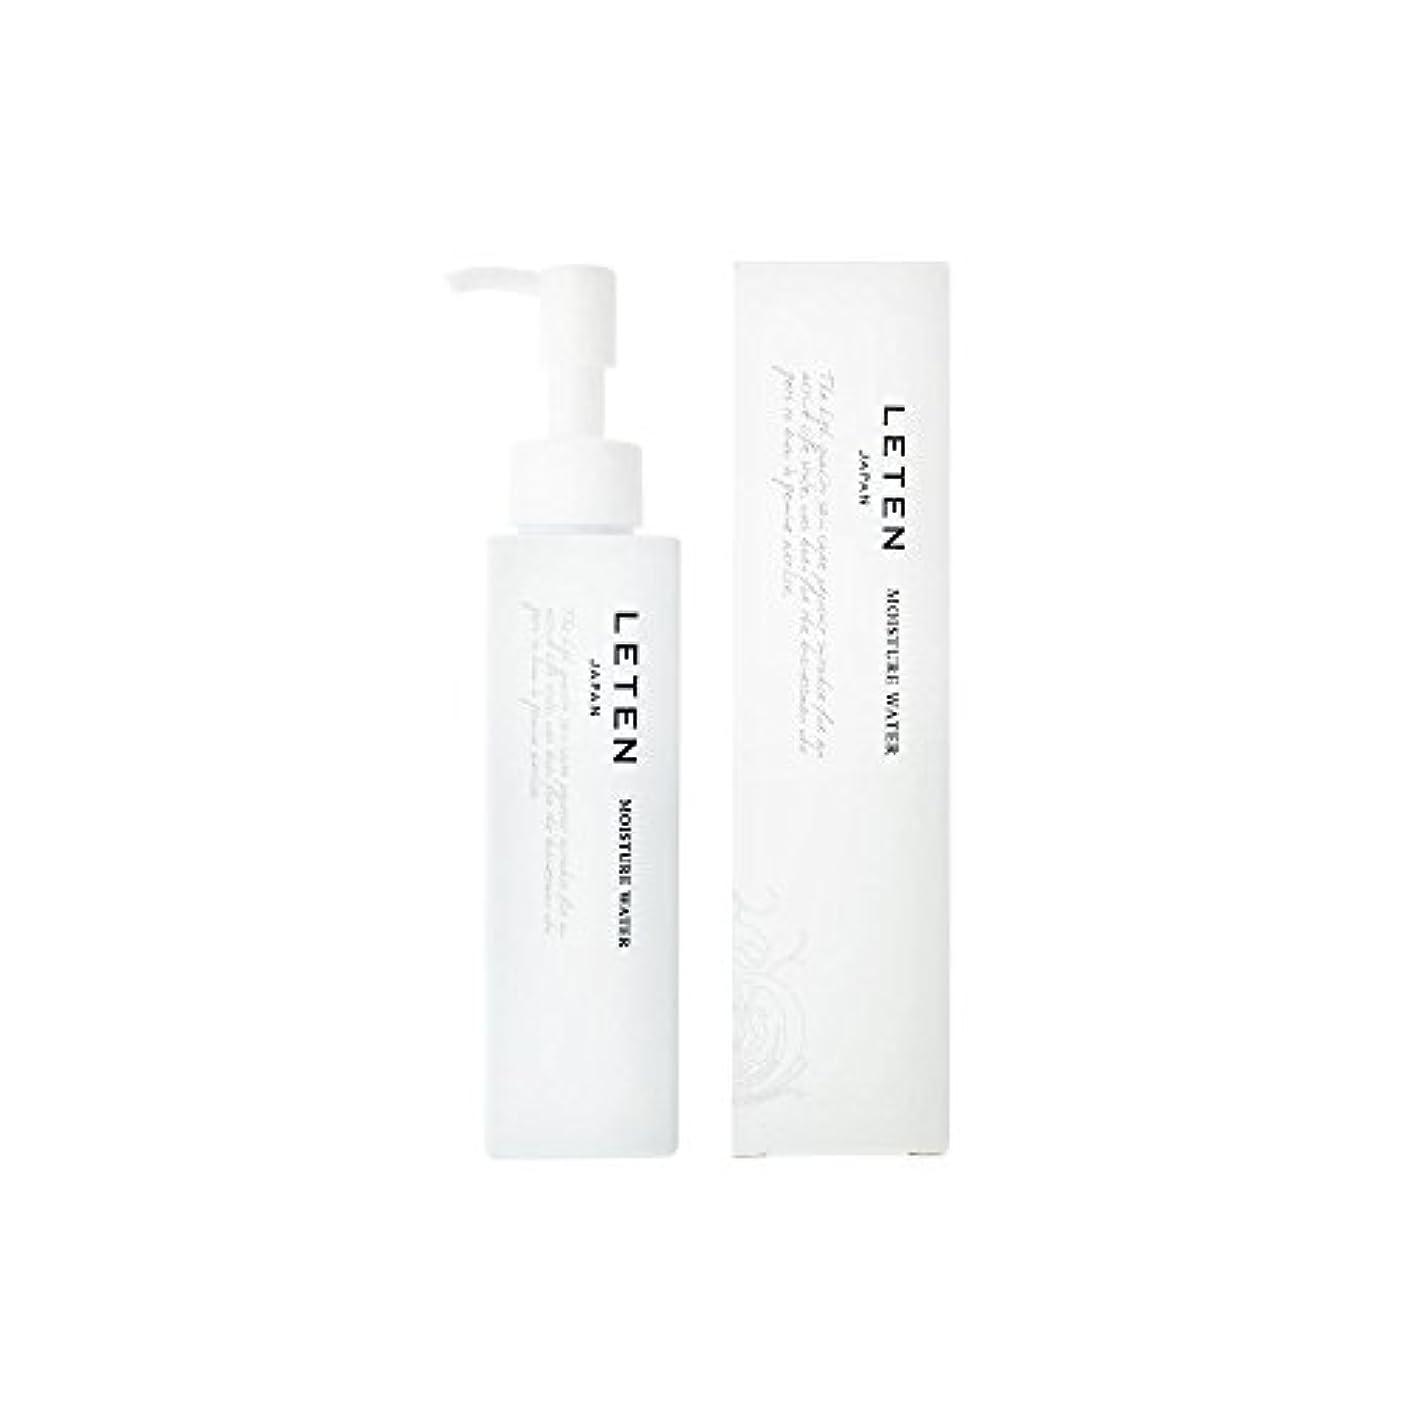 玉満足させる名前でレテン (LETEN) モイスチャーウォーター 150ml 化粧水 敏感肌